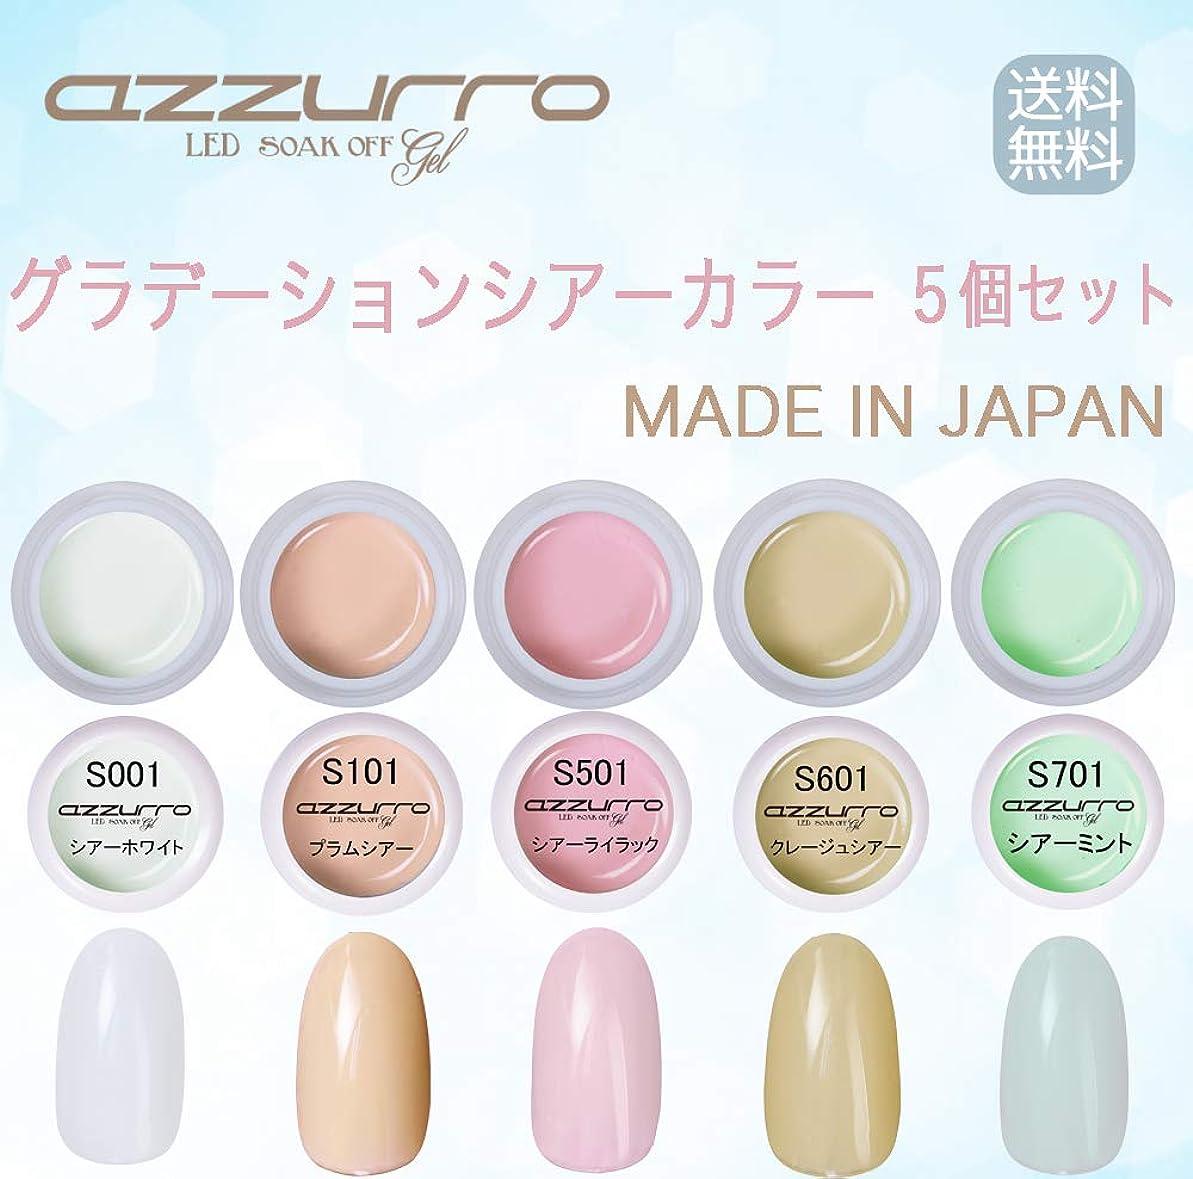 報酬エキスエンジニアリング【送料無料】日本製 azzurro gel グラデーションシアーカラージェル5個セット 春にぴったりな 春グラデーションシアーカラー